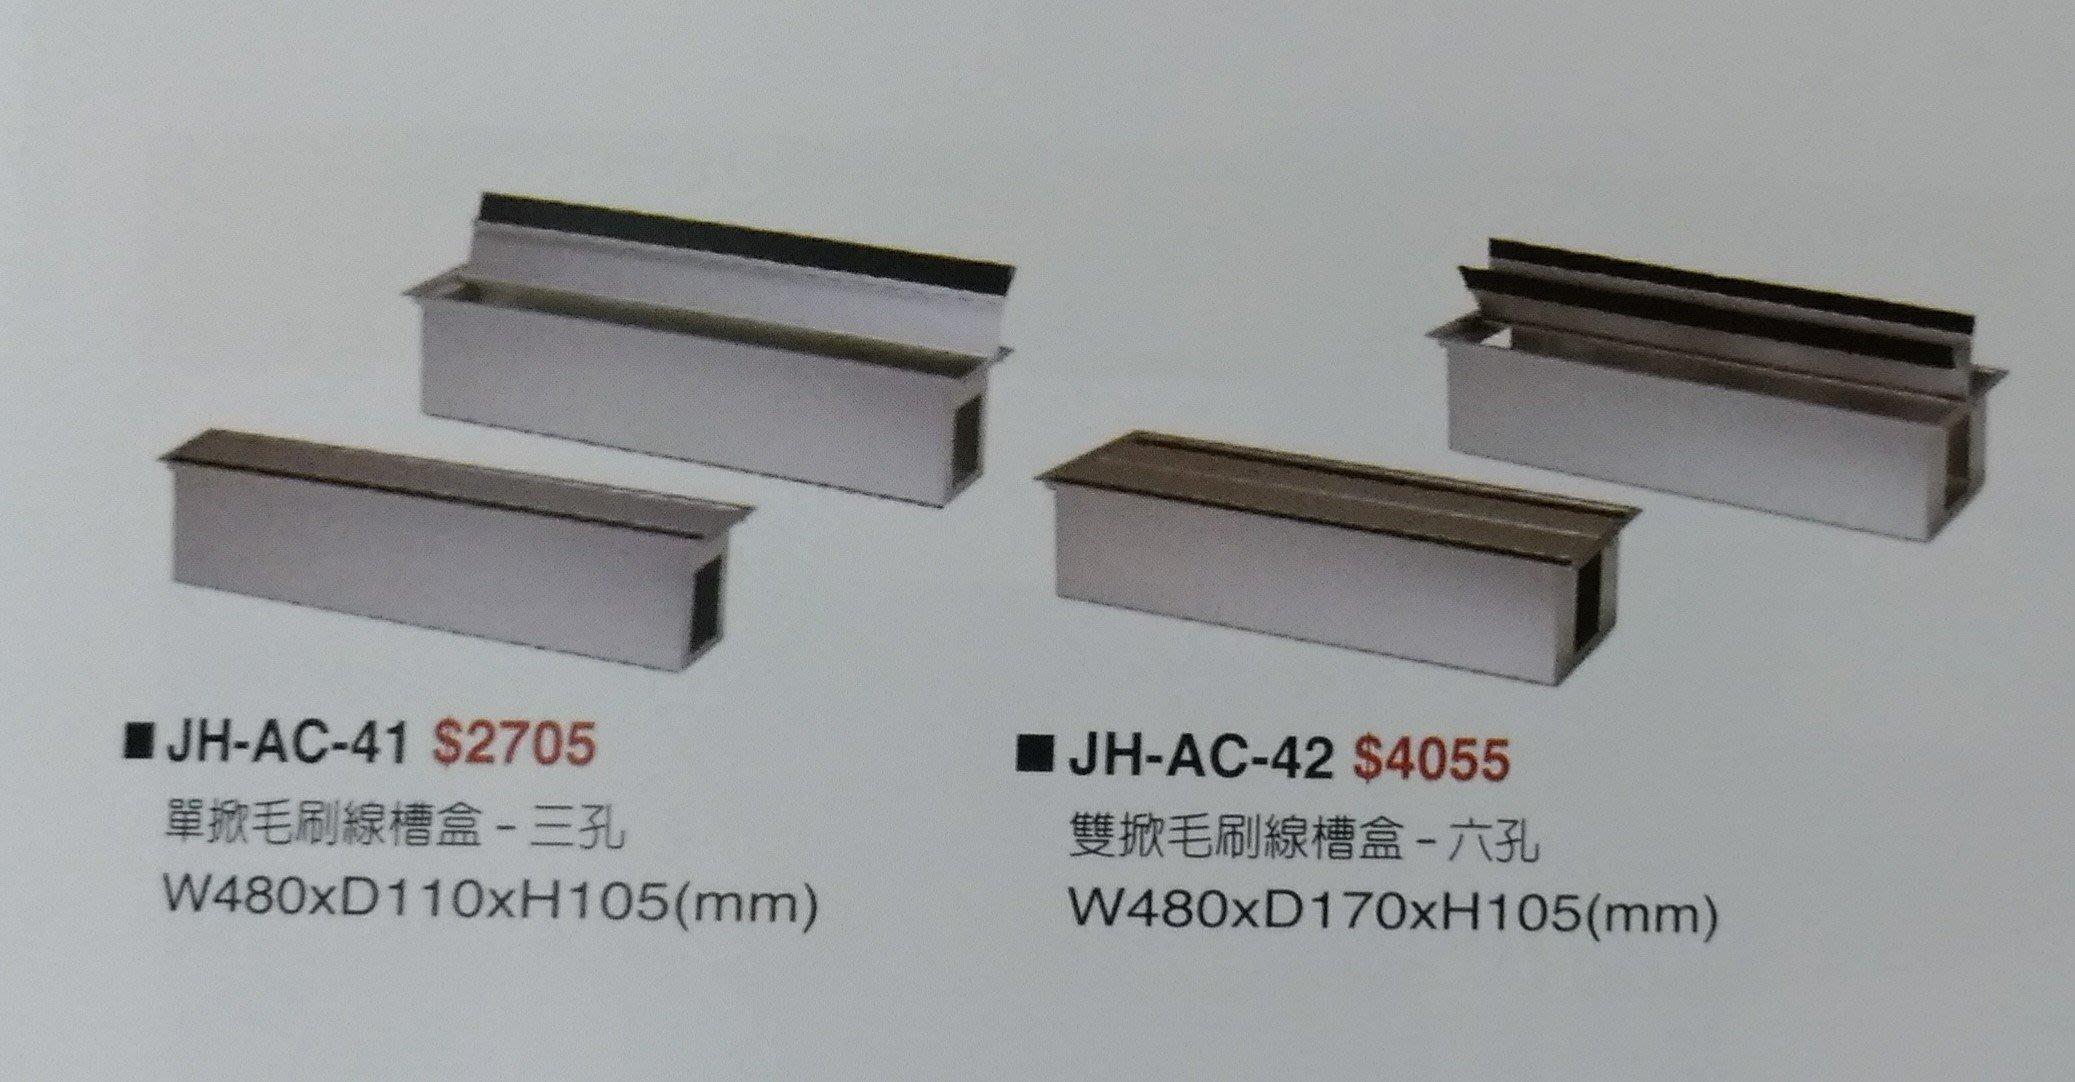 亞毅辦公家具 單掀毛刷線槽盒 桌面線槽盒 會議桌 插座孔 出線孔 標物  為六孔  不含其他商品